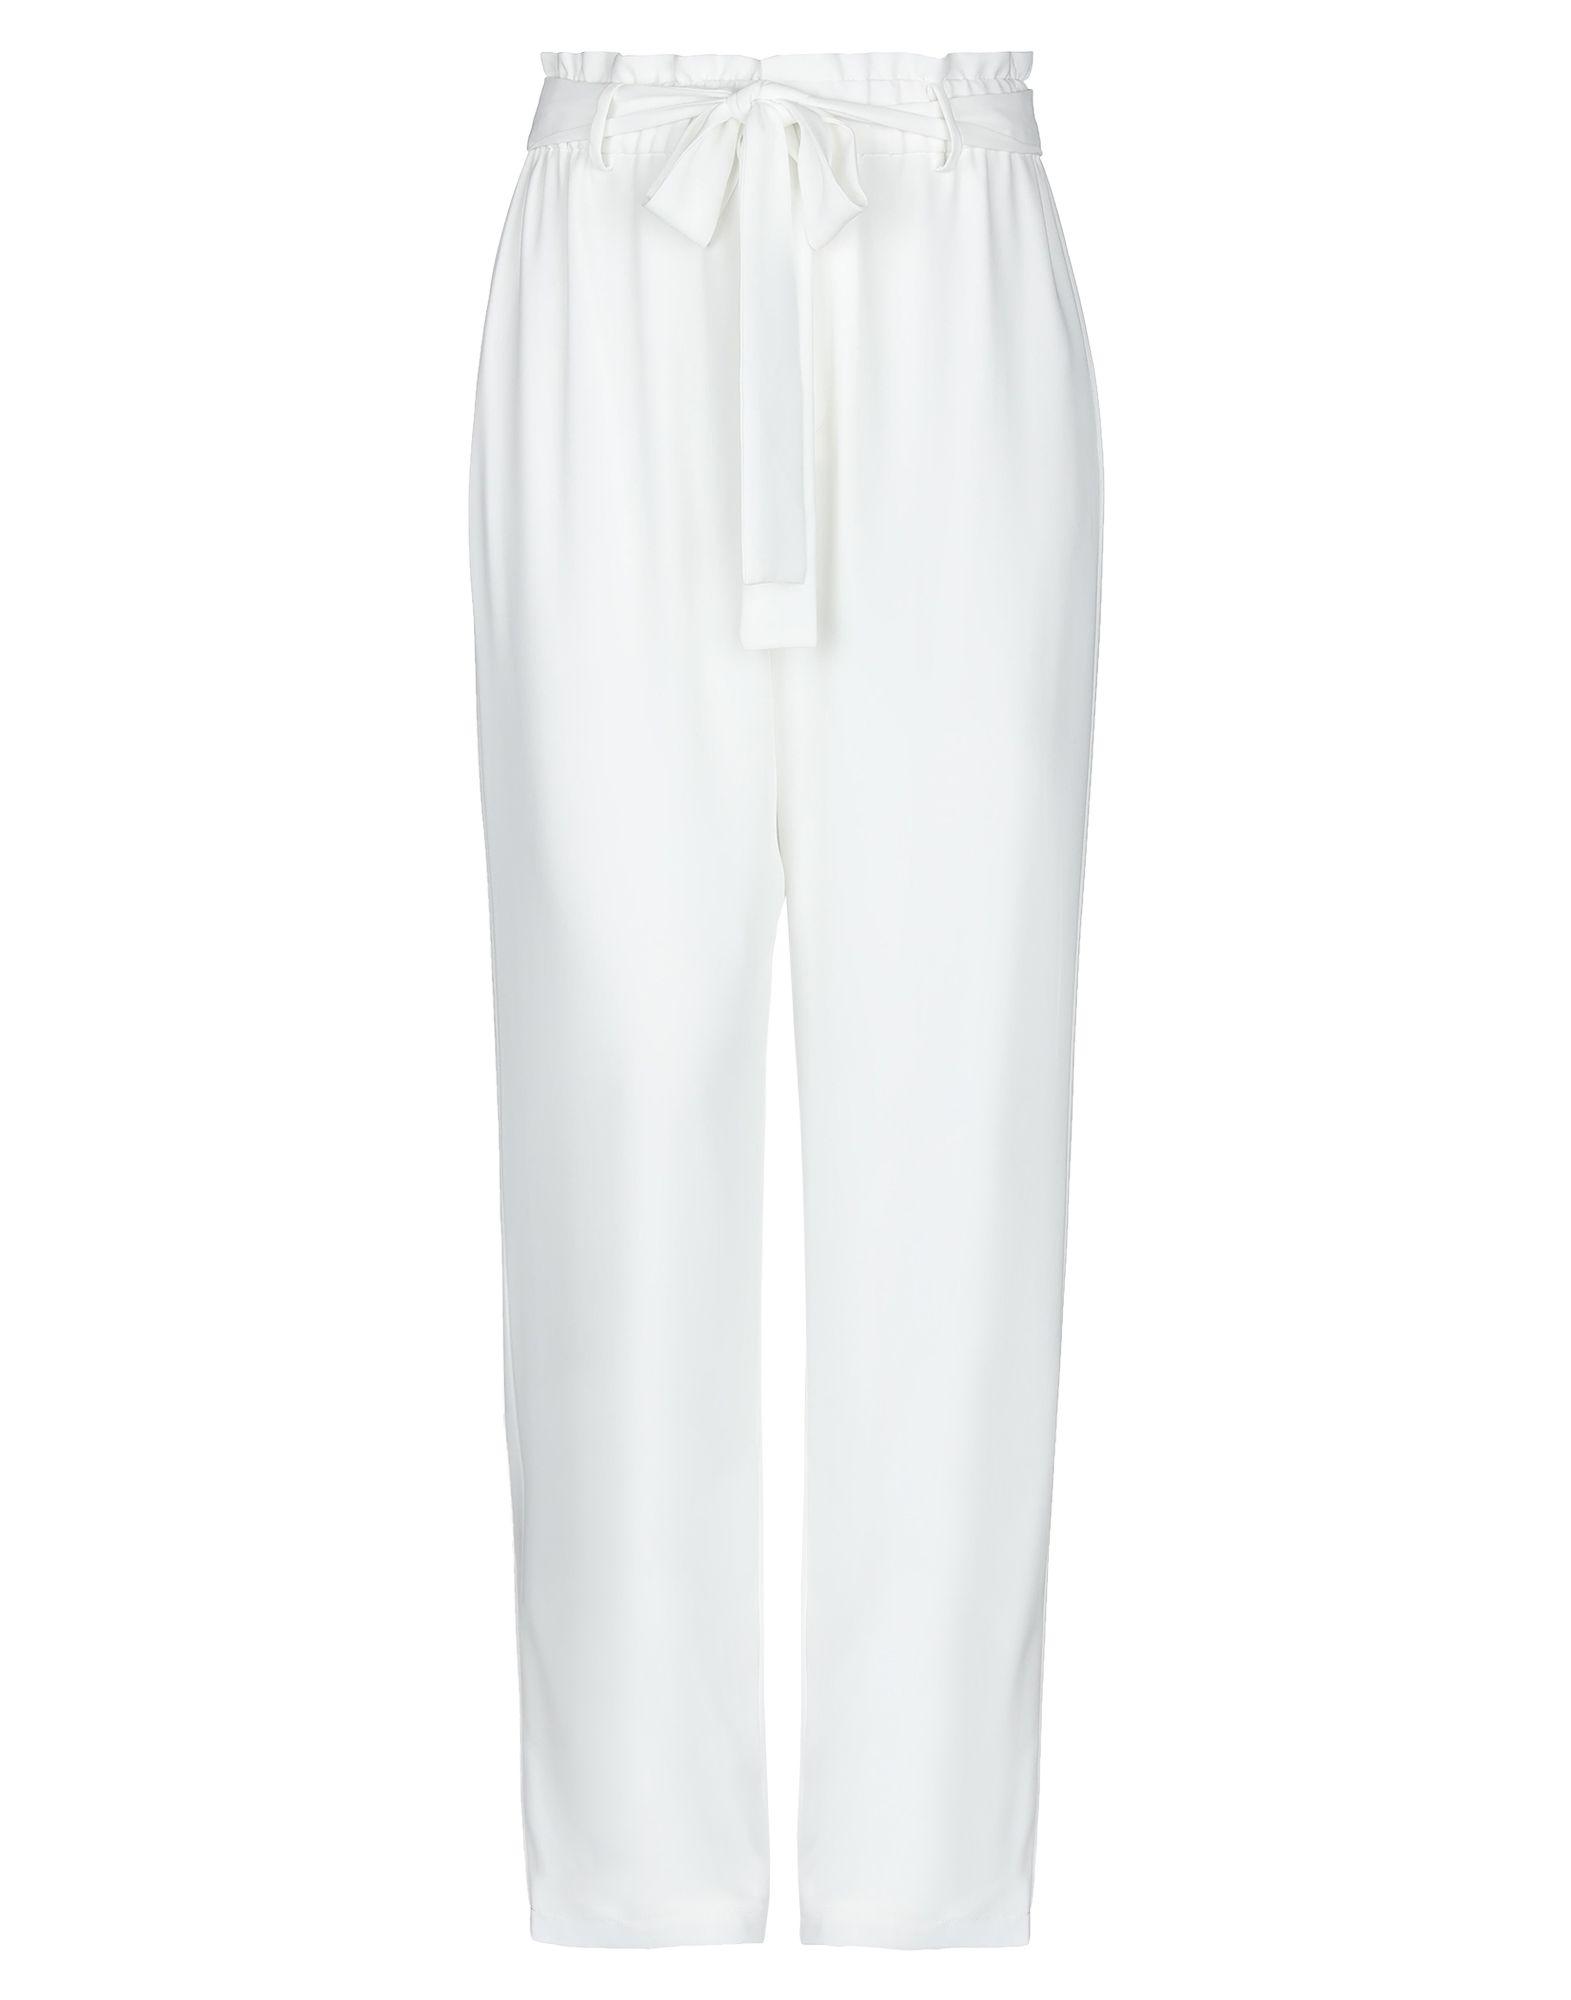 《セール開催中》BY MALINA レディース パンツ ホワイト S ポリエステル 100%